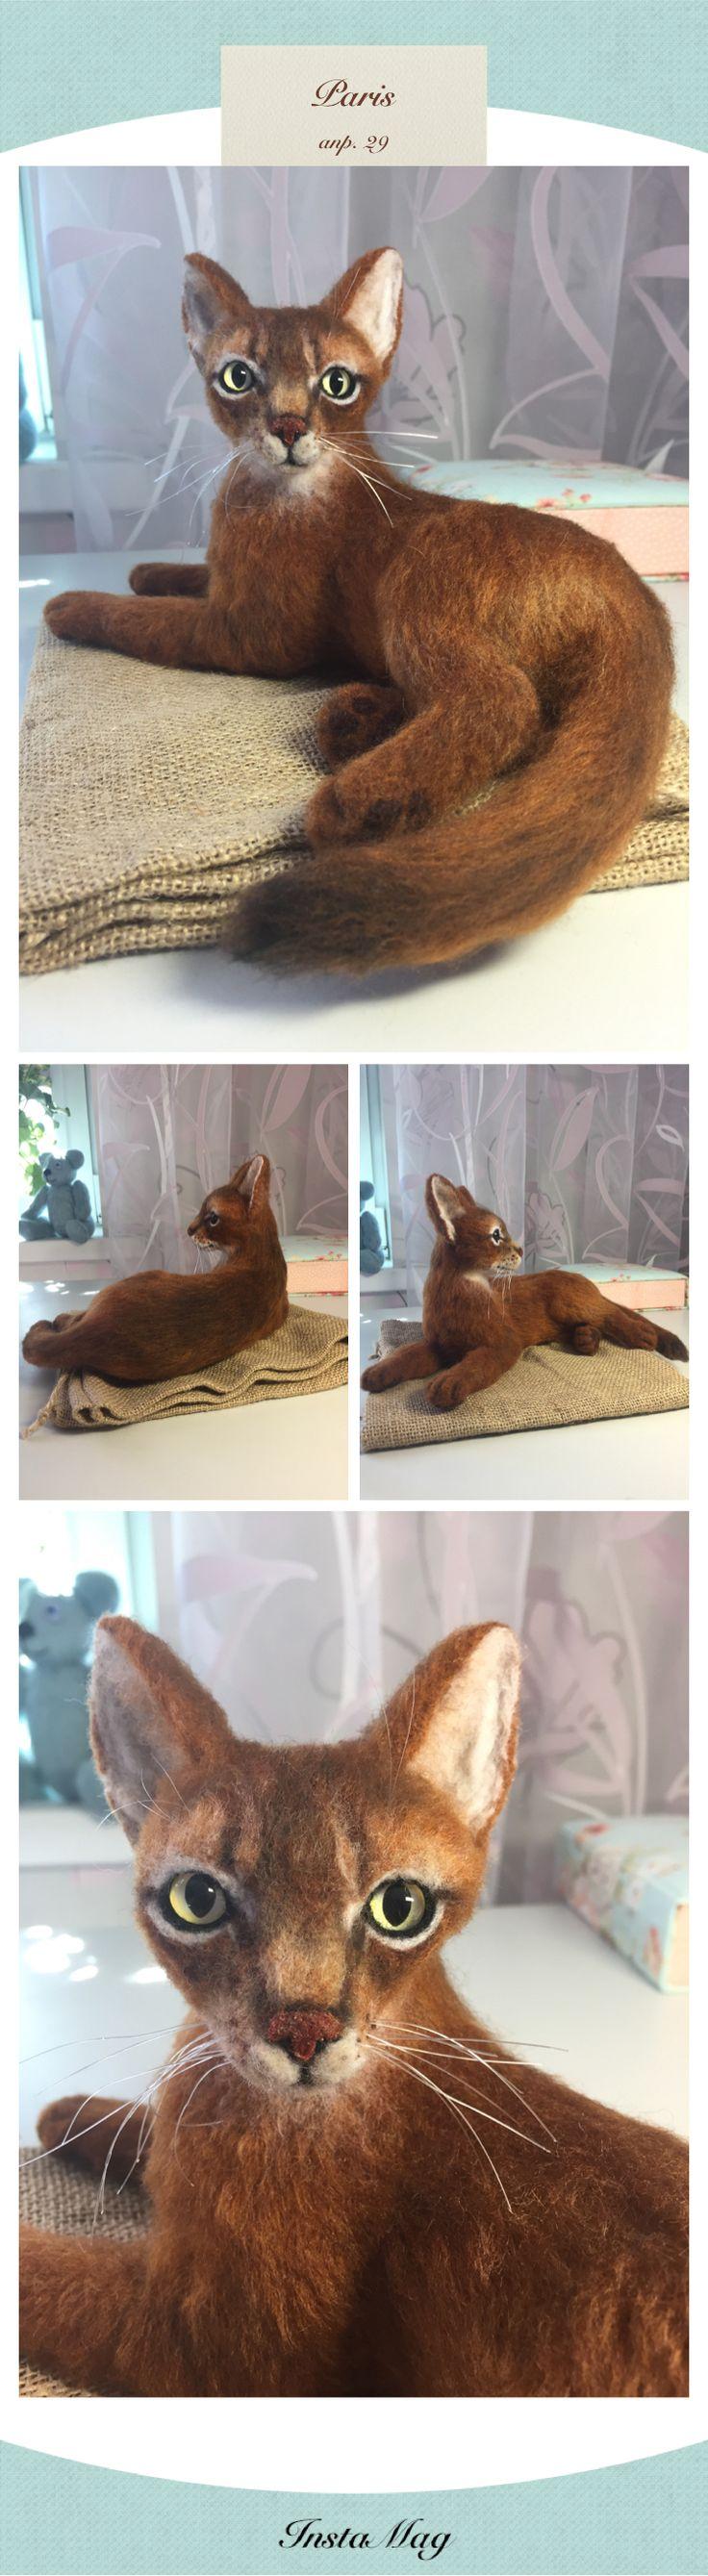 Абиссинская кошка Люся